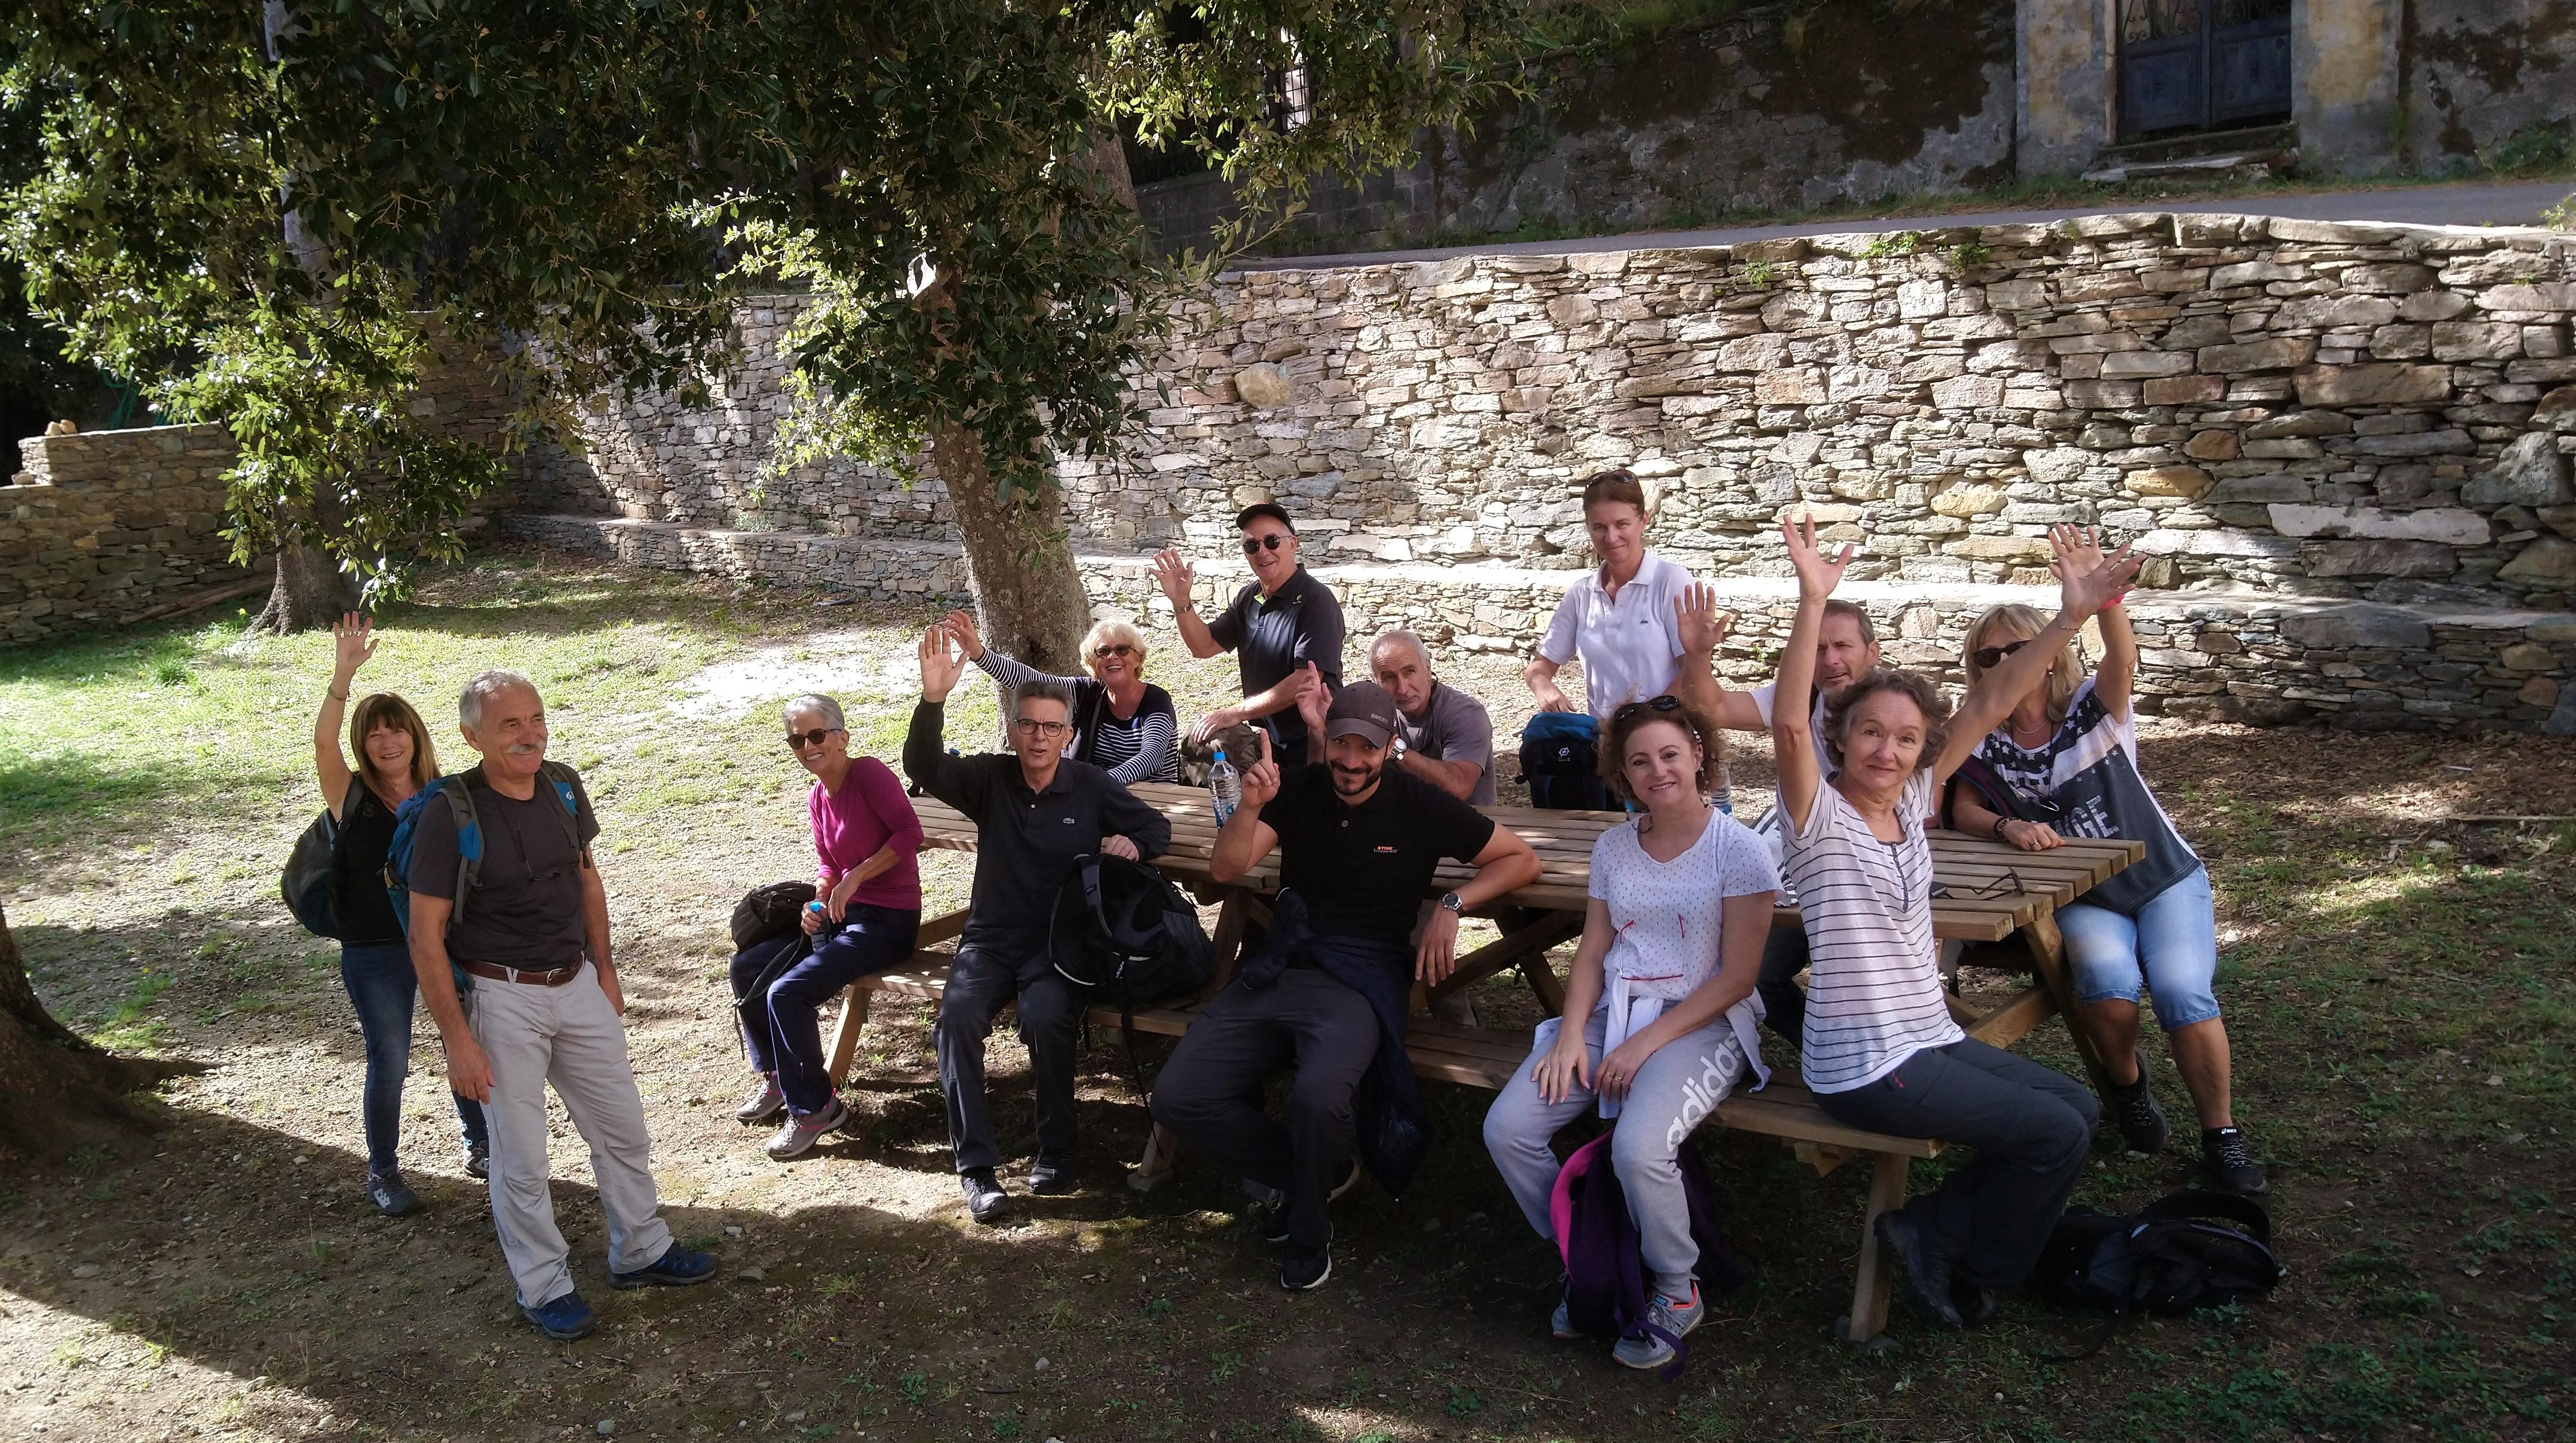 U Pinziglione in a Valle di Siscu